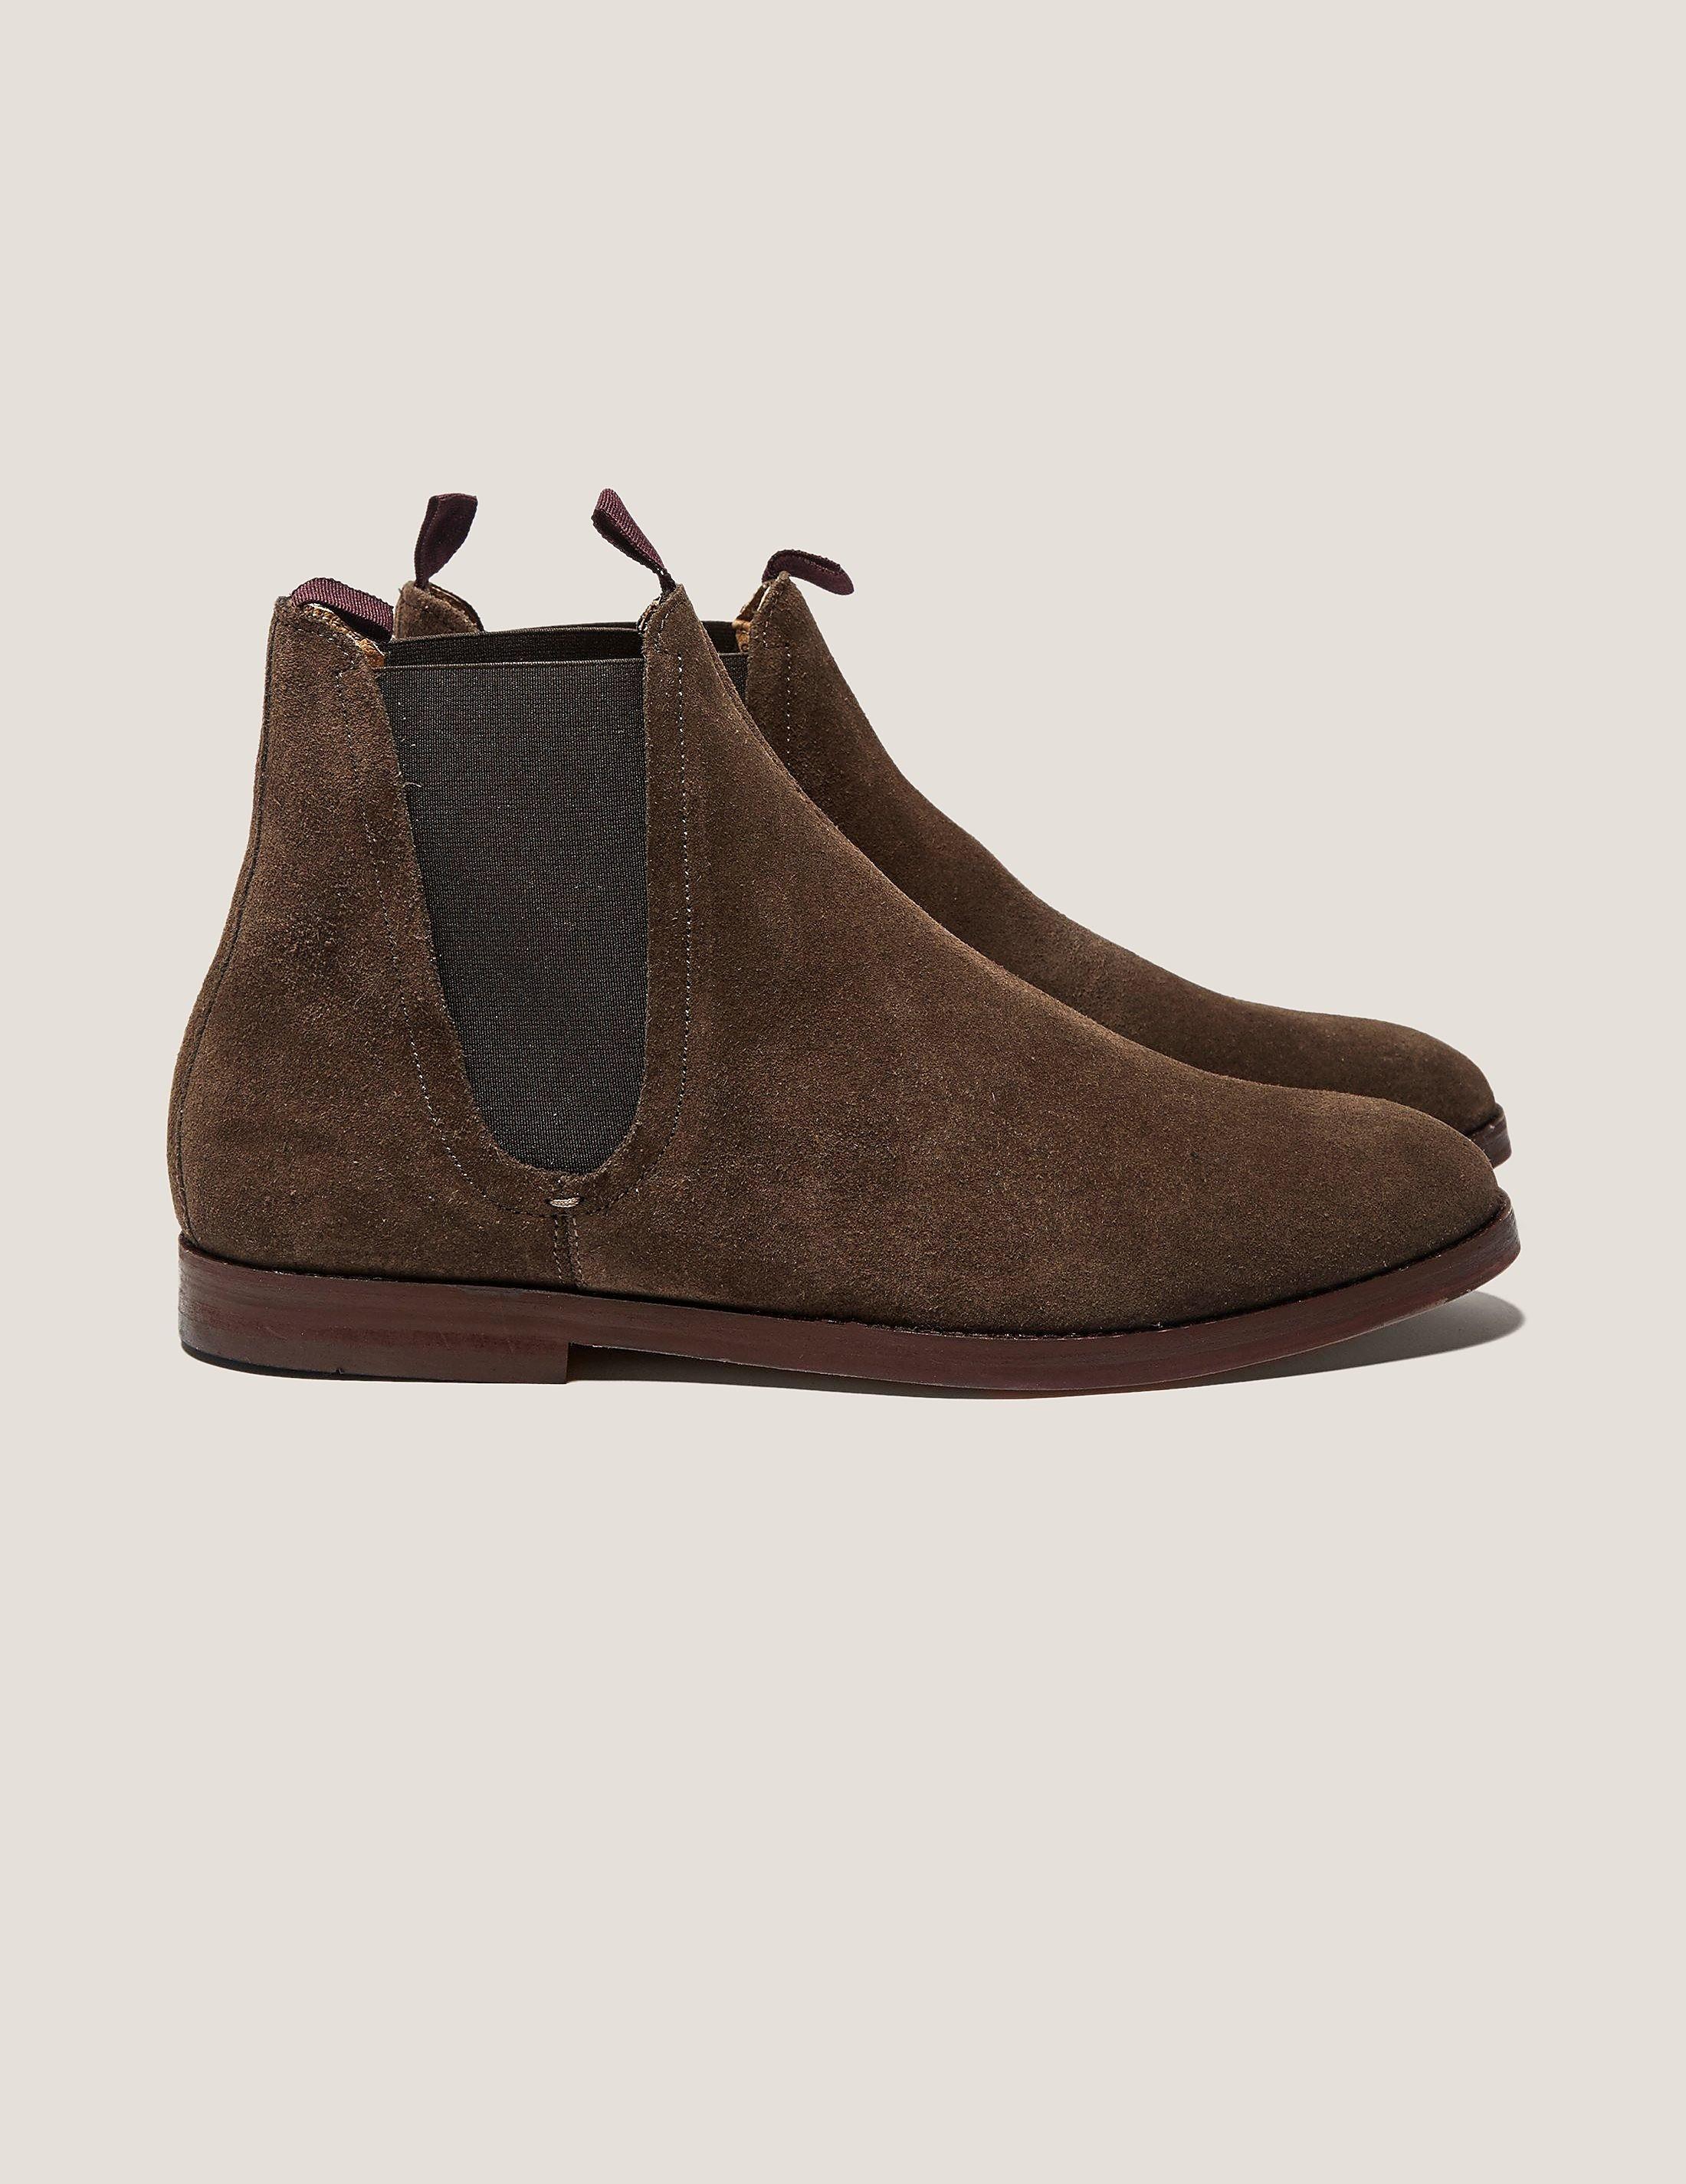 H by Hudson Eldon Chelsea Boot